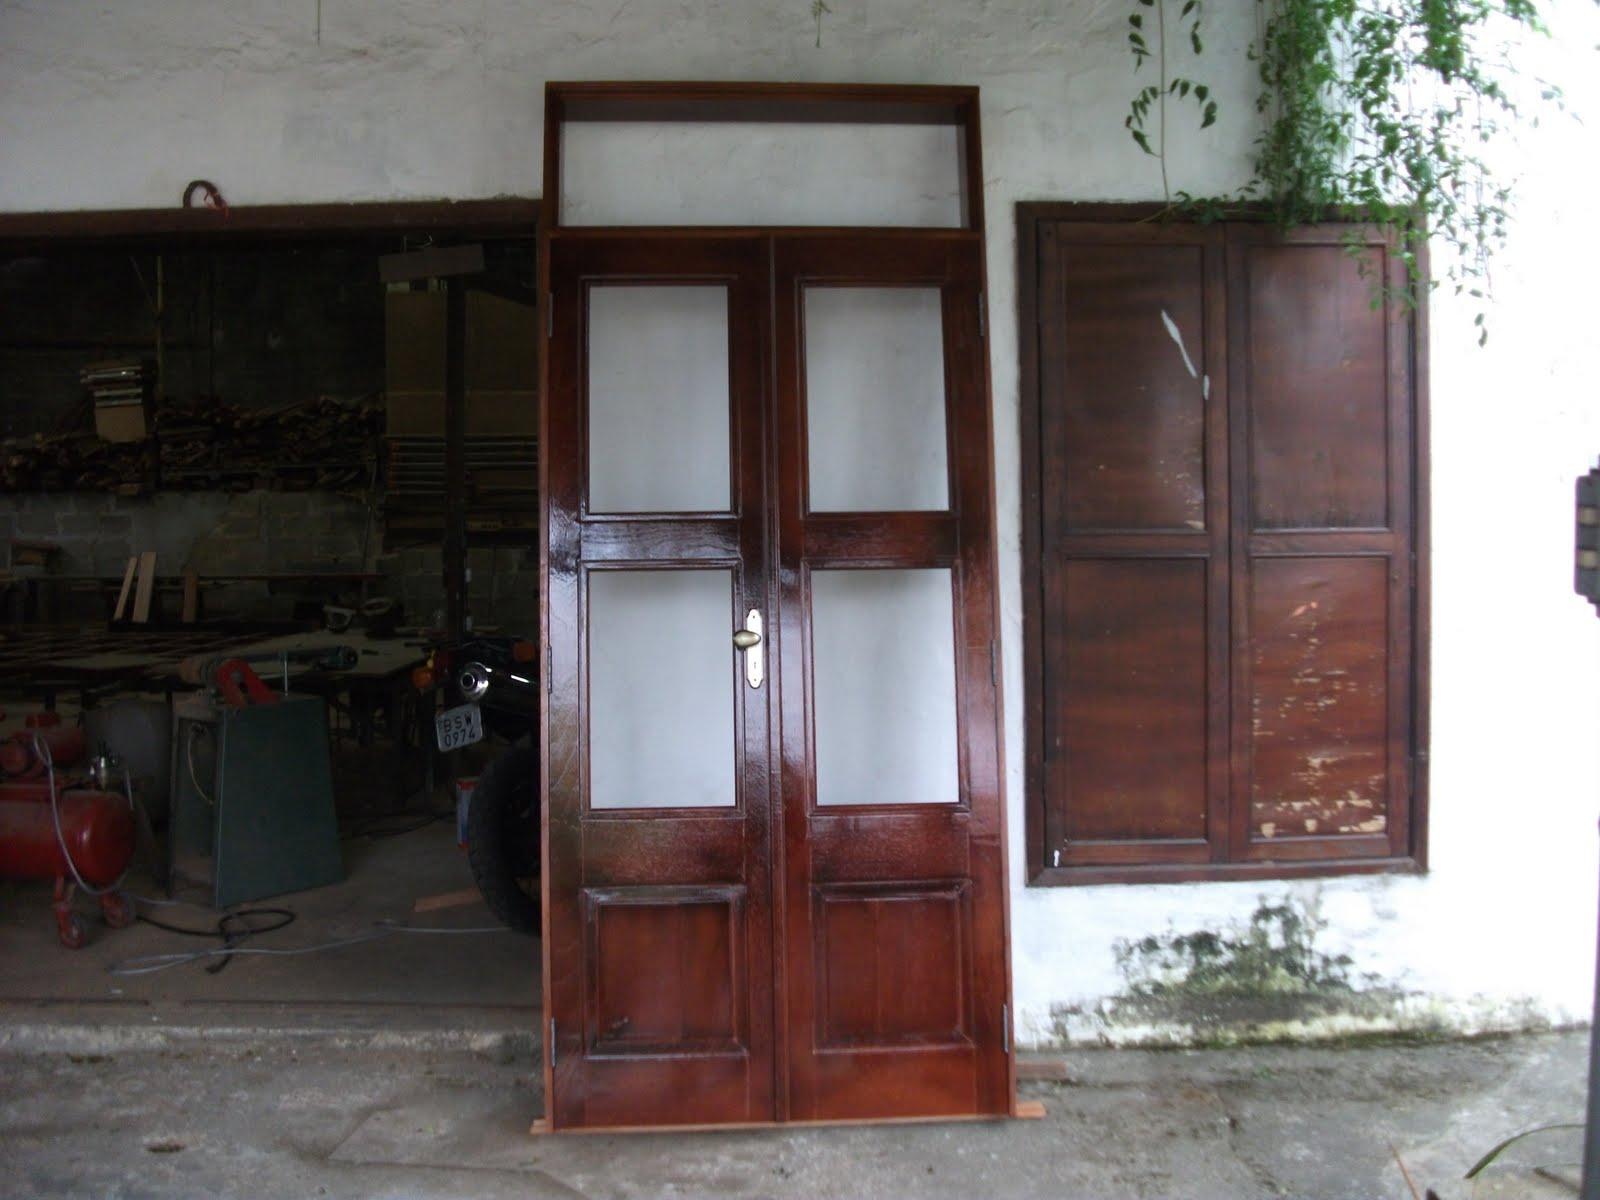 em madeira: porta de entrada 2 50 de altura e1.10 de largura com duas  #633C38 1600x1200 Banheiro Com Duas Portas De Entrada